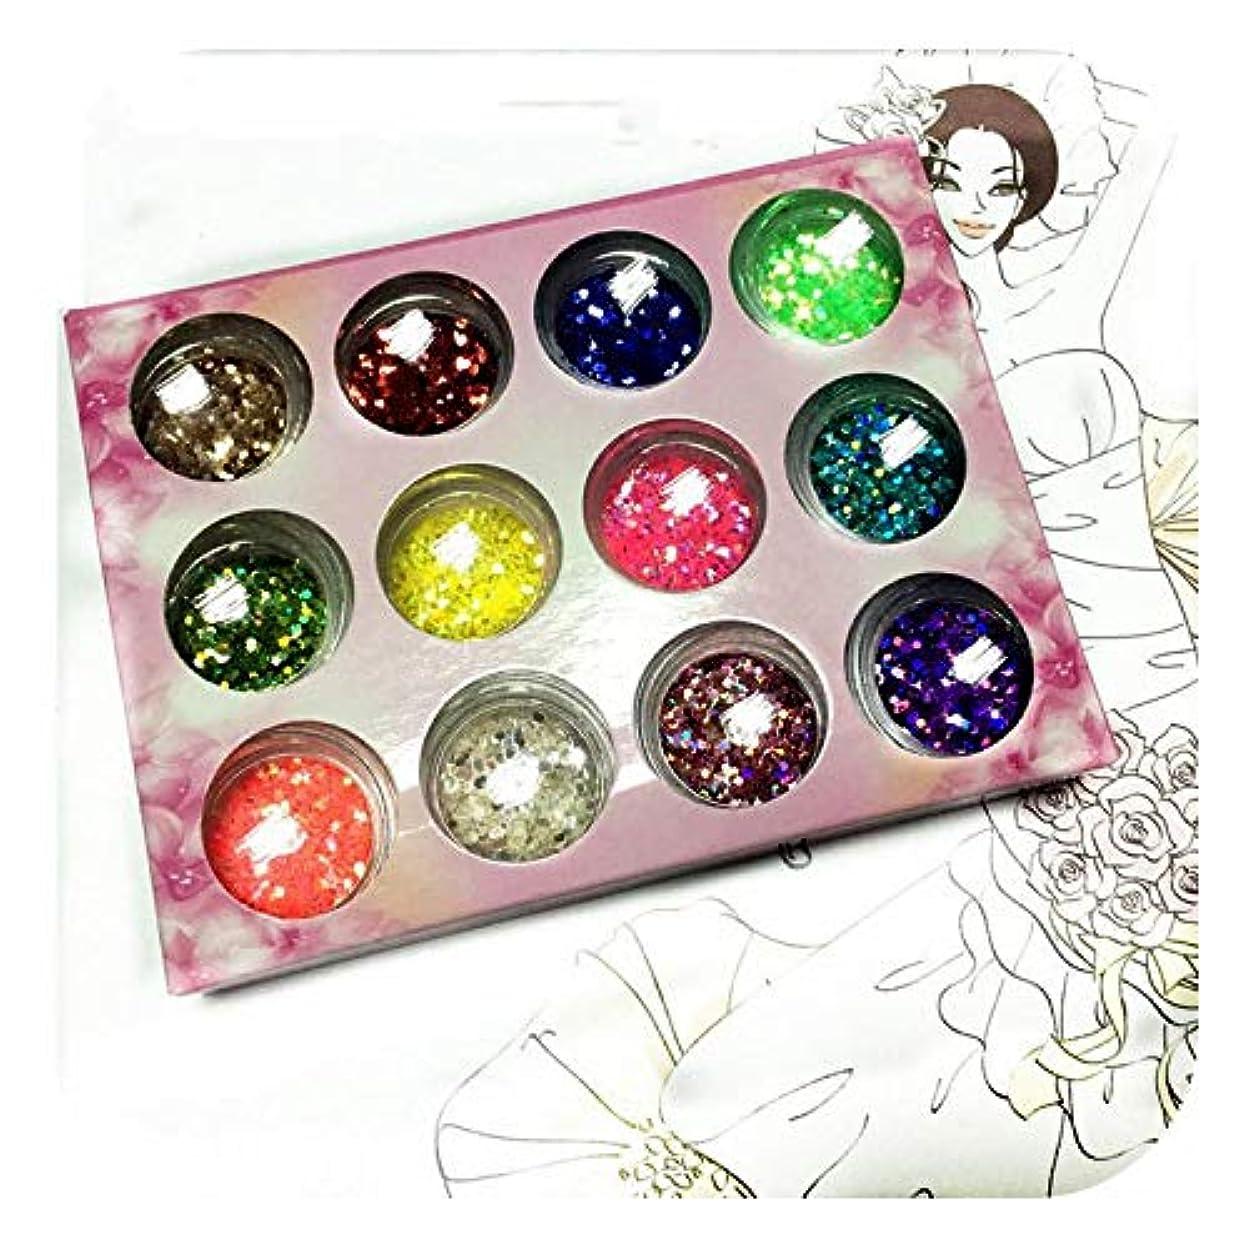 キュービック大モルヒネランダムに12色/セットを混合、ネイルアート用六角グリッターパウダーネイルアートのヒント,12 colors per set